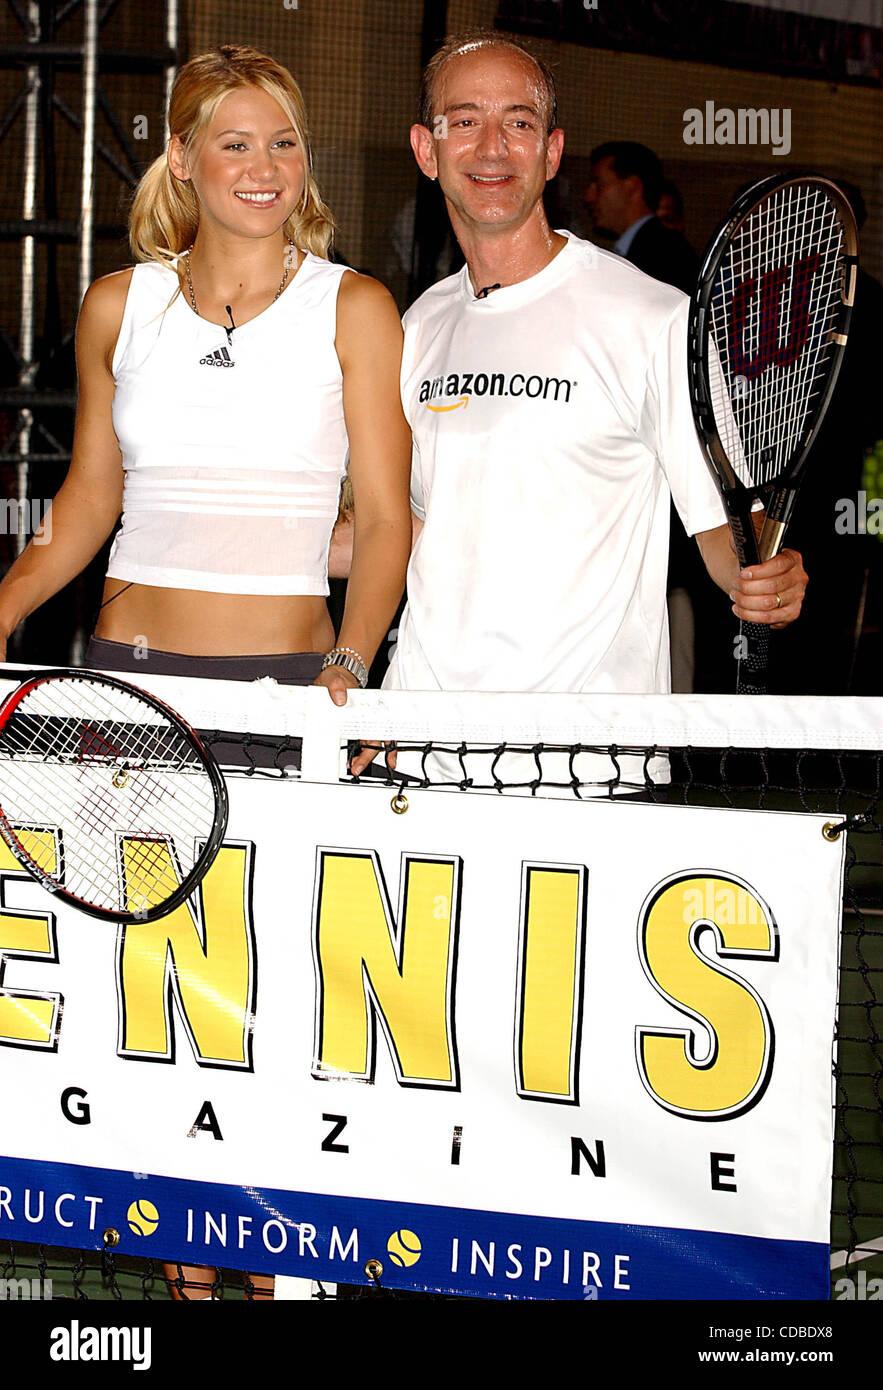 K32368AR.Anna Kournikova et Jeff Bezos (SUR AMAZON.COM) .INTRODUIRE LE NOUVEAU ANNA Soutien-gorge de sport, .''SHOCK AMORTISSEUR''.AT TENNIS MAGAZINE'S GRAND SLAM; .TOUS LES JOURS DU FESTIVAL QUI A EU LIEU À .TENNIS GRAND CENTRAL TERMINAL'S VANDERBILT HALL À NEW YORK New York. 8/22/2003 .. / 2003 Crédit: Image(© Andrea Renault Banque D'Images